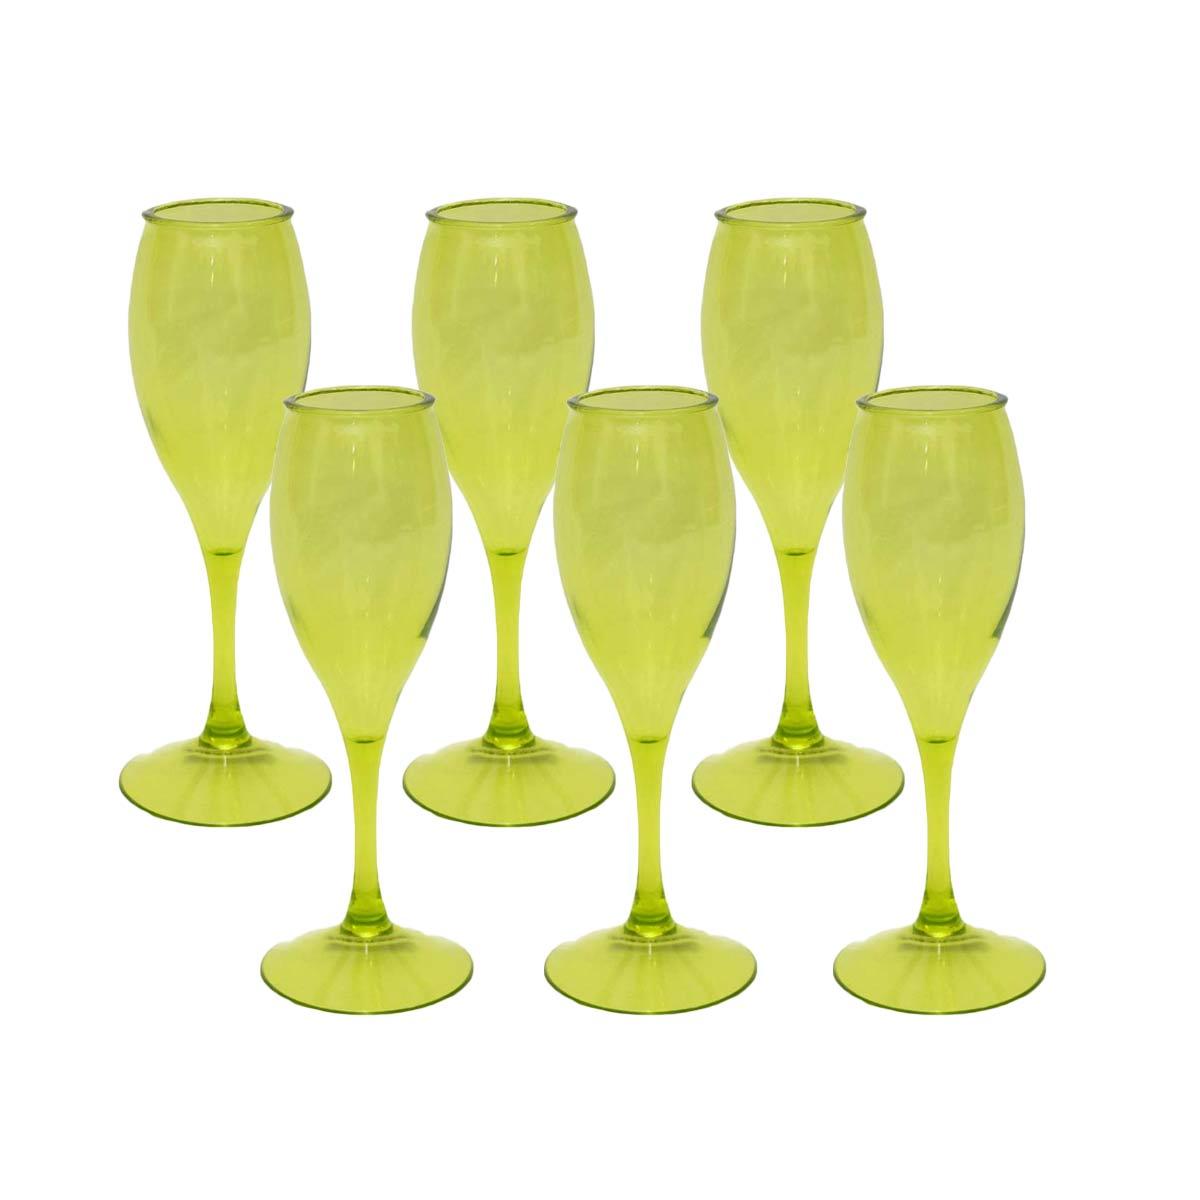 Kits 8 Taças para Champagne Acrílico Verde 220 ml  - Lemis